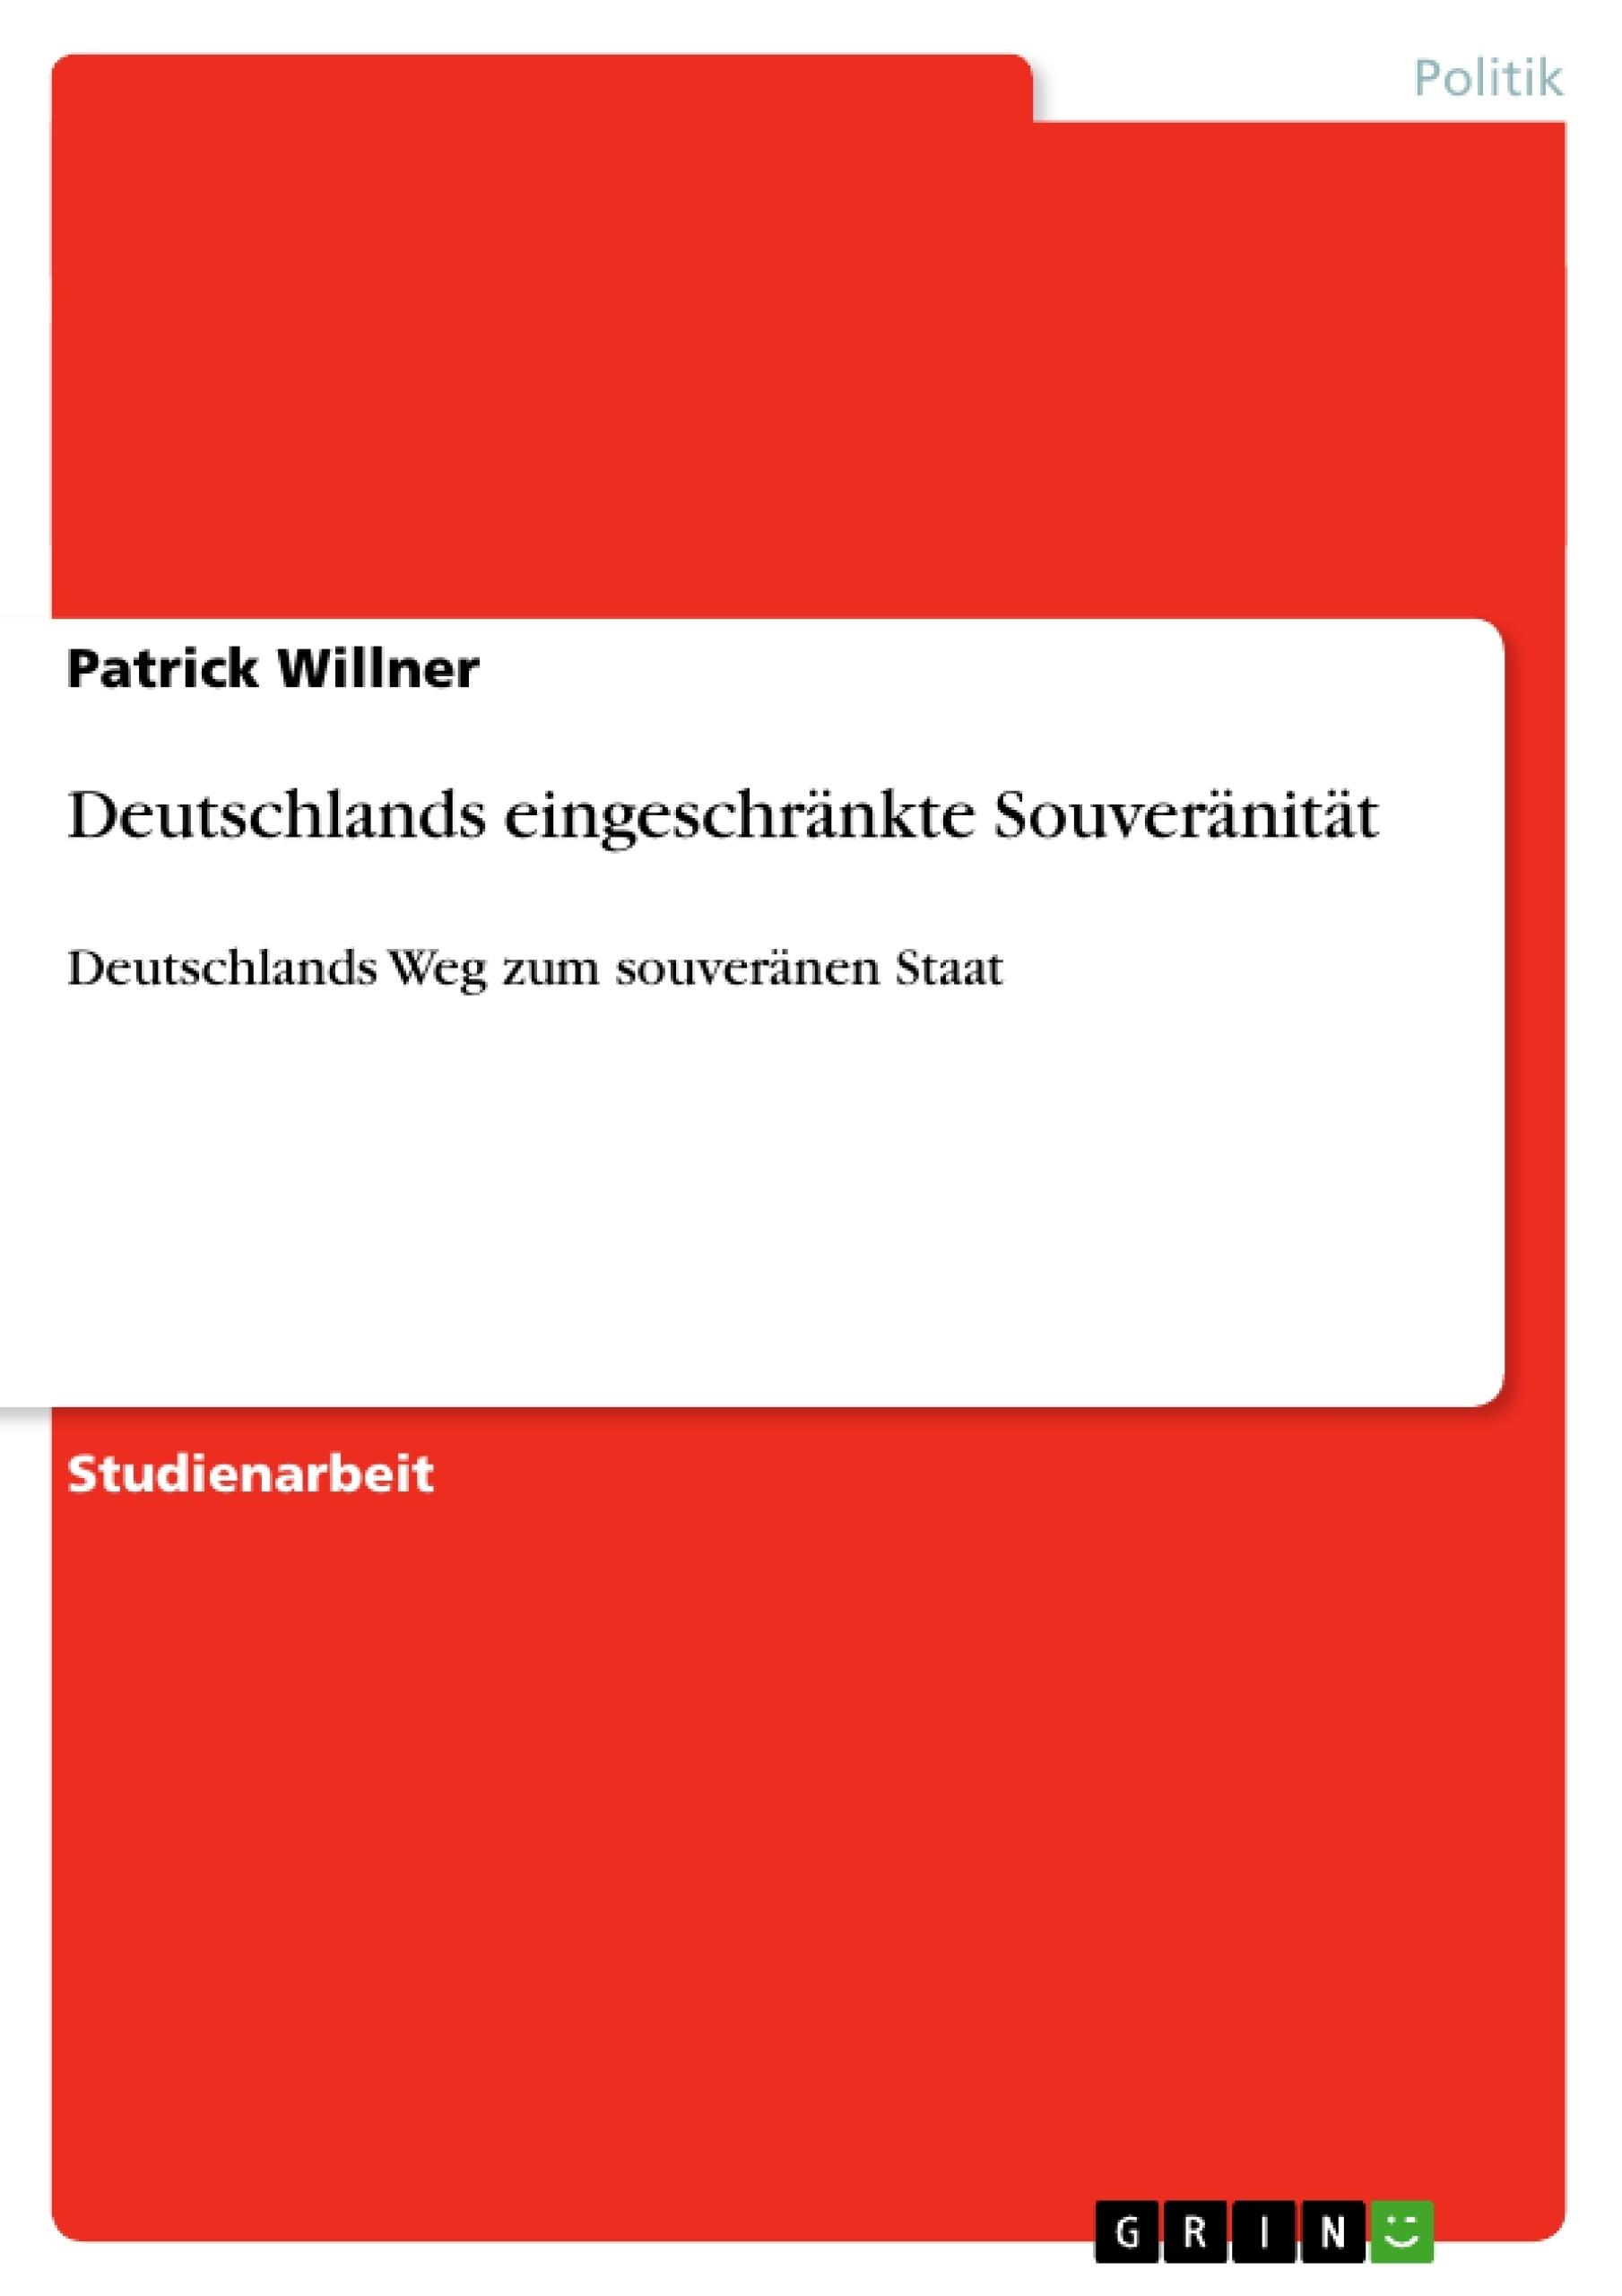 Titel: Deutschlands eingeschränkte Souveränität